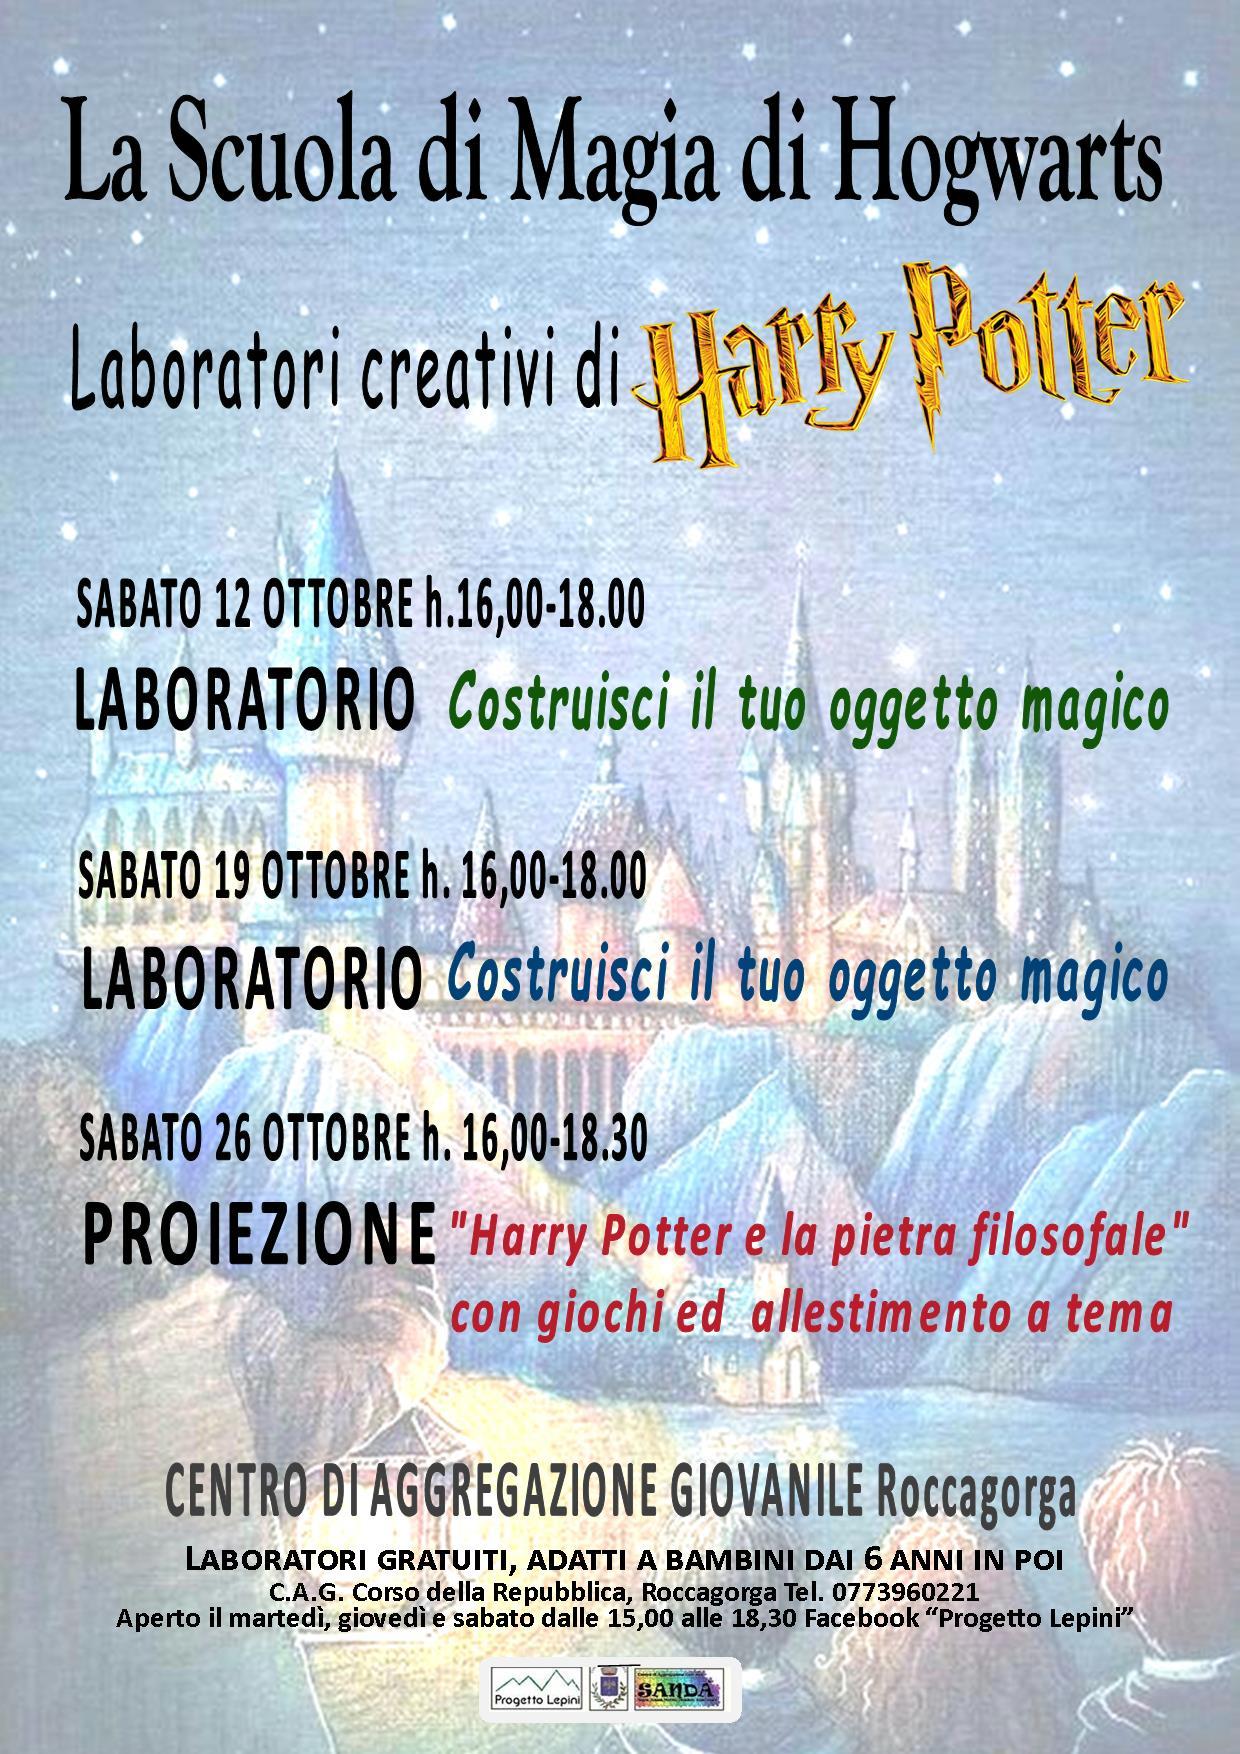 Roccagorga: La scuola di magia di Hogwarts @ centro di aggregazione giovanile | Roccagorga | Lazio | Italia